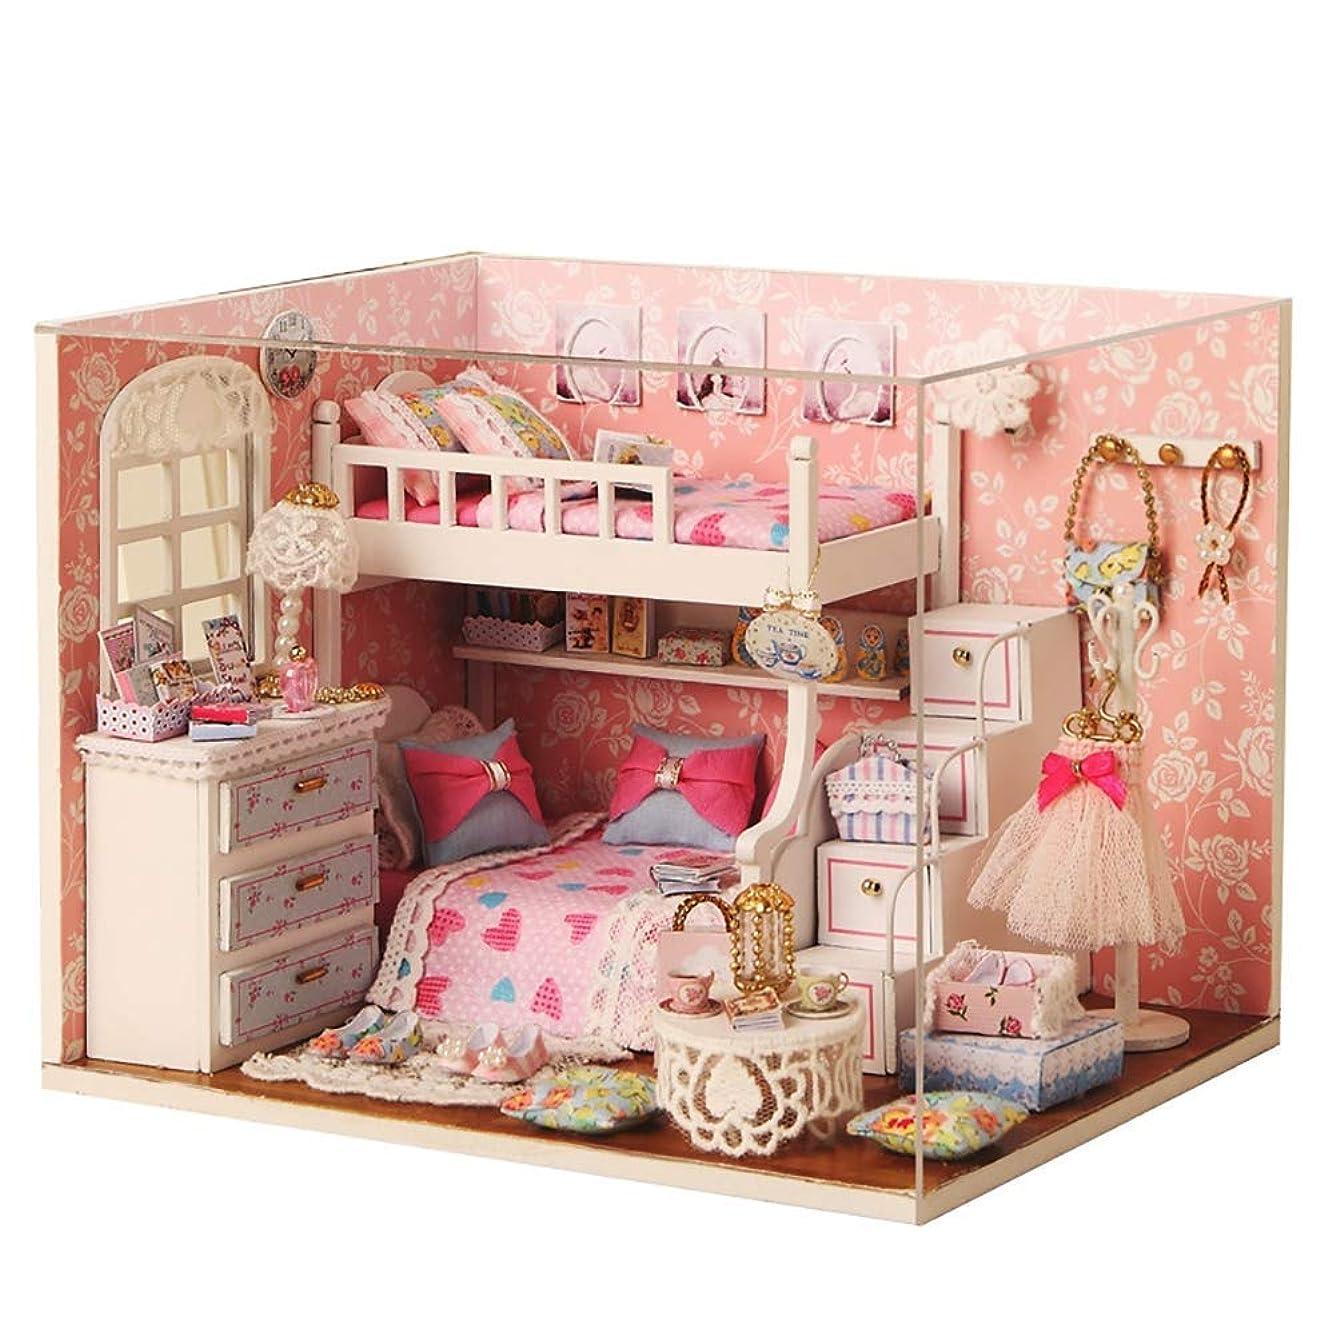 途方もないシンプルなバイバイDiyドールハウス木製ミニチュア家具キット3Dパズルミニハウスピンクドリームベッドルームプラス防塵とLedライトクリエイティブクリスマス誕生日ギフト子供と大人のためのDiyおもちゃ